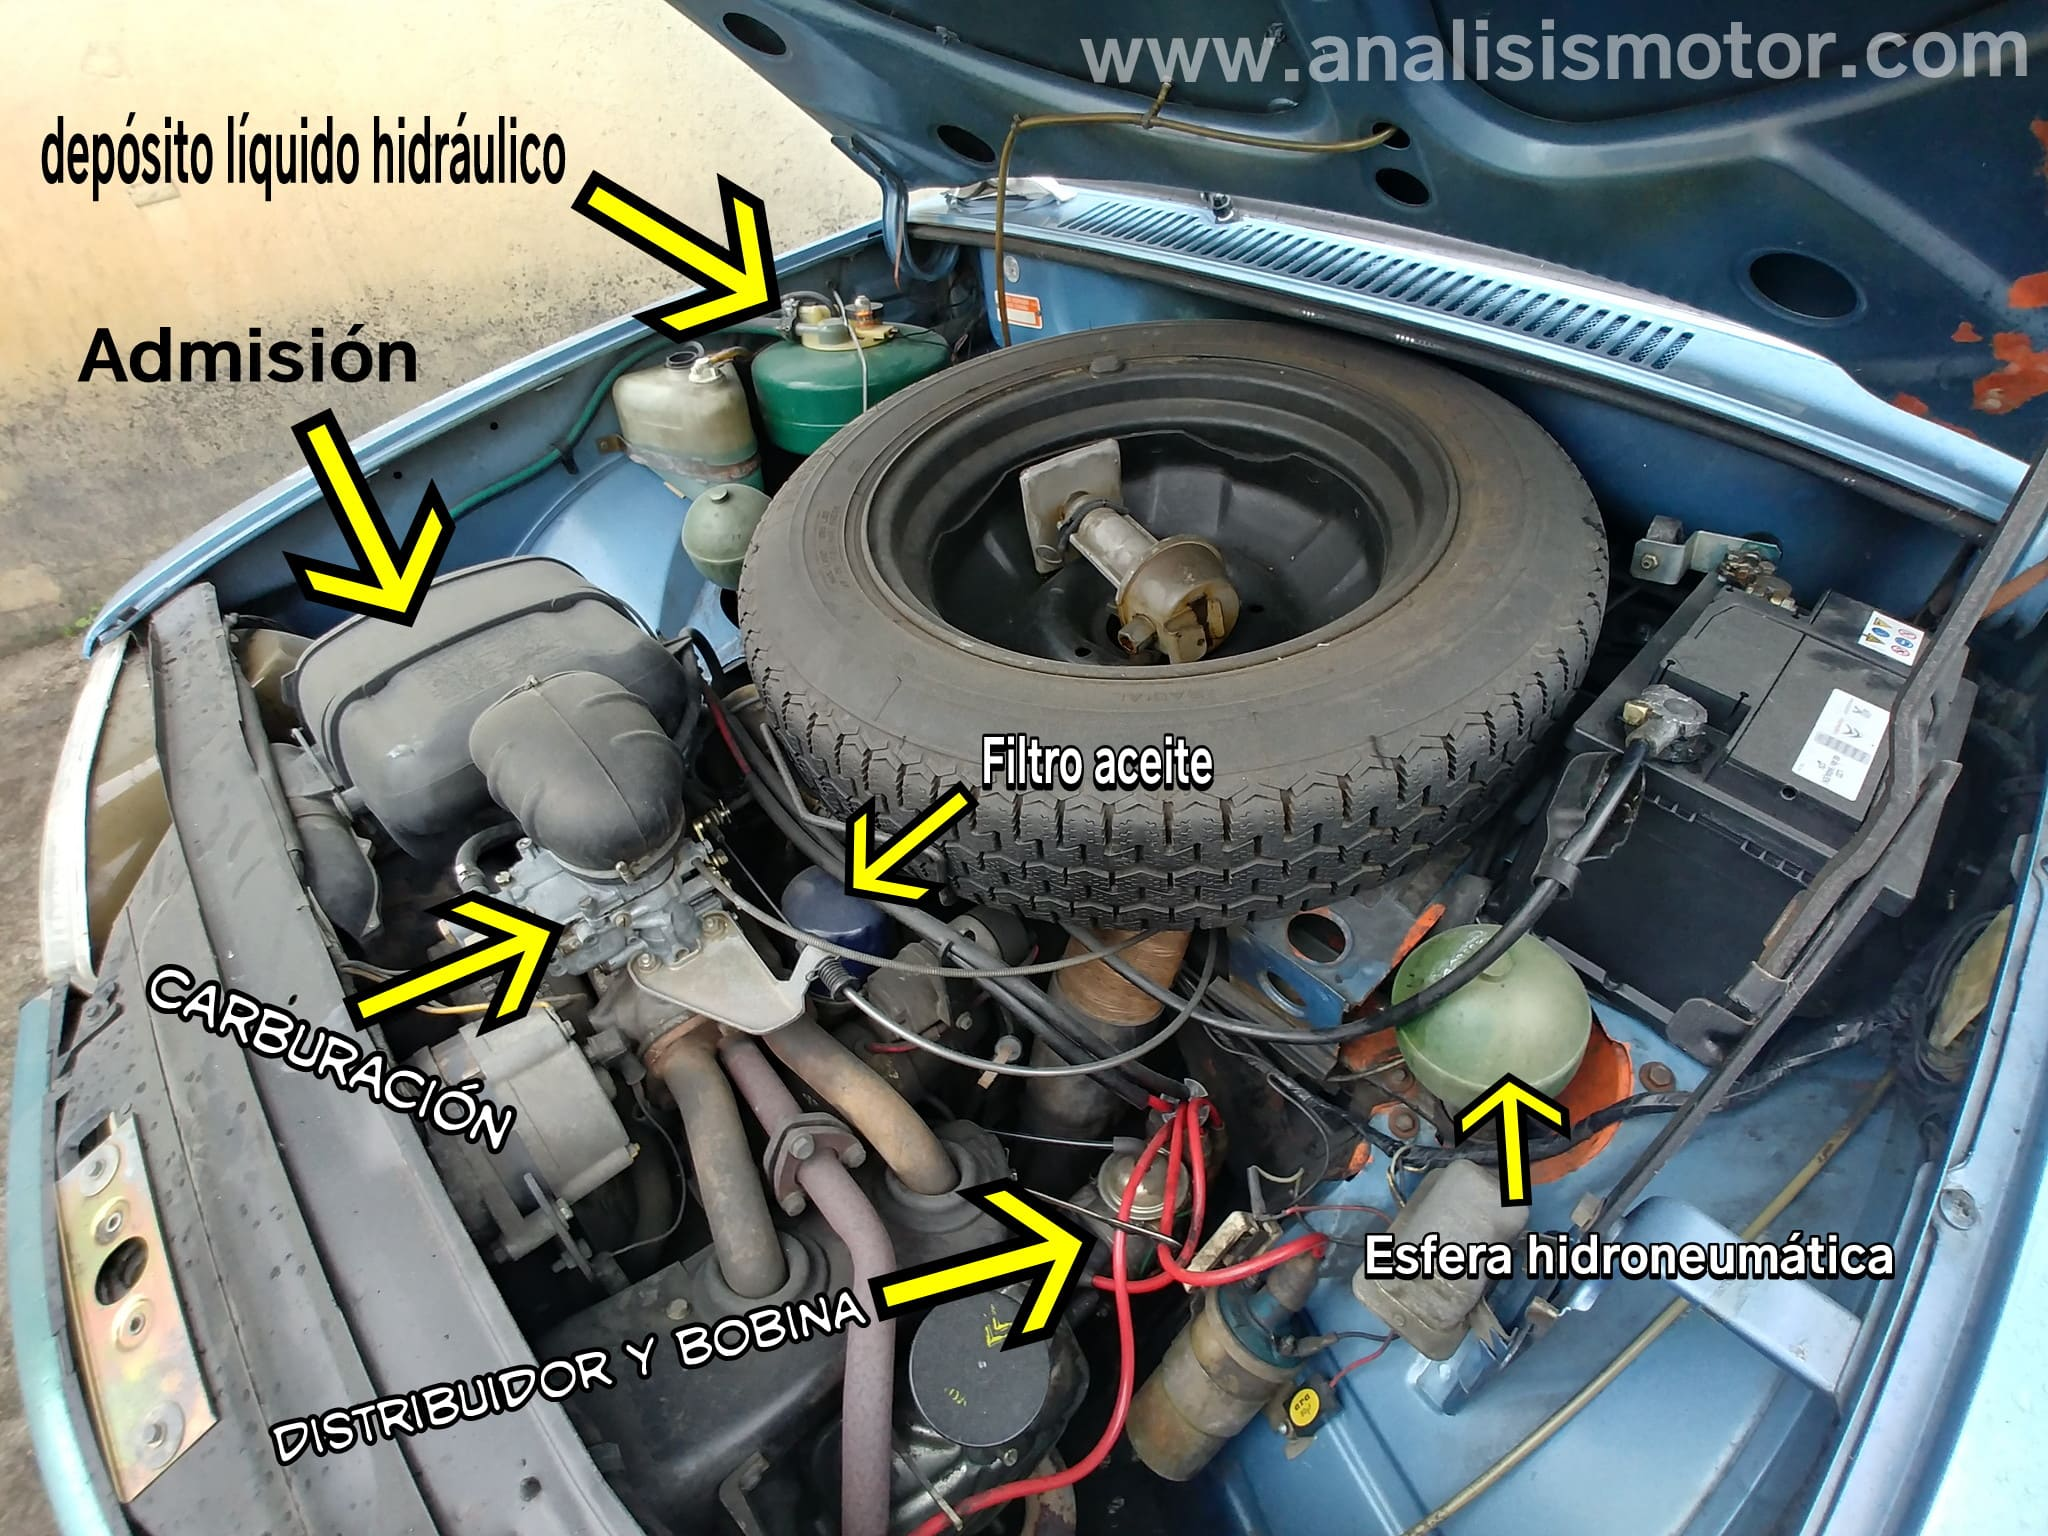 Motor Citröen GS